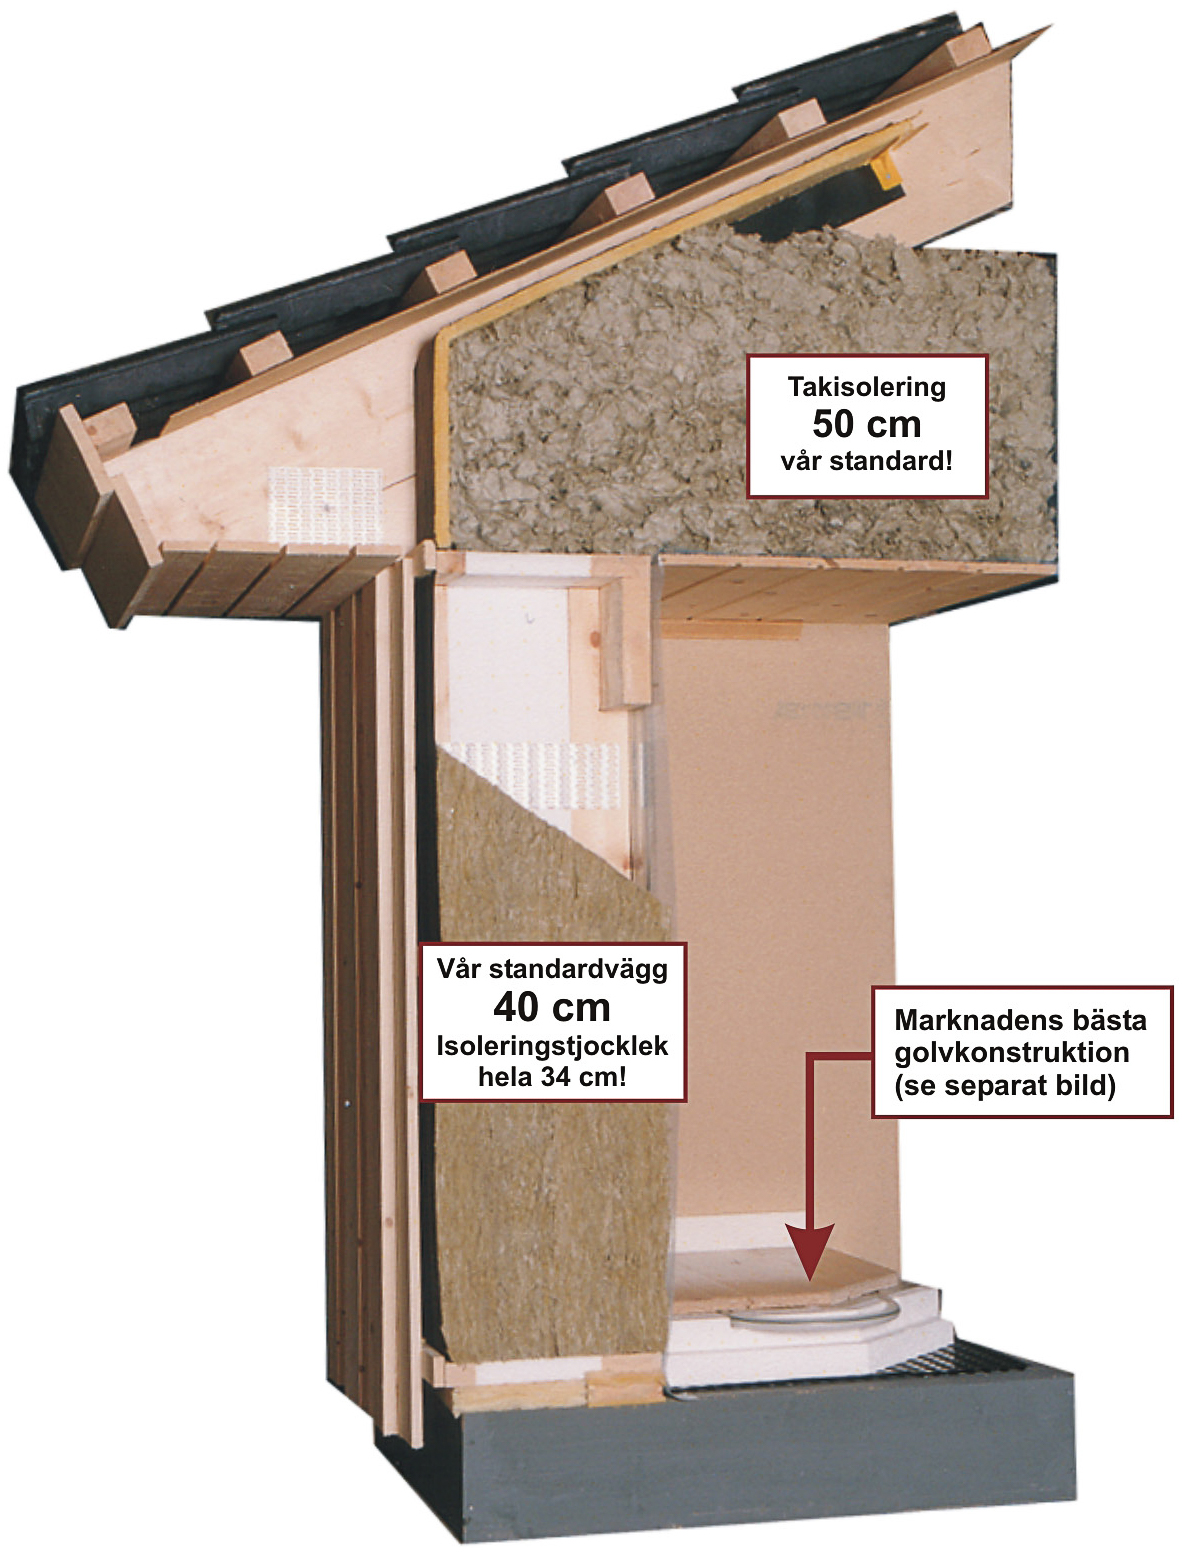 isolering vägg standard